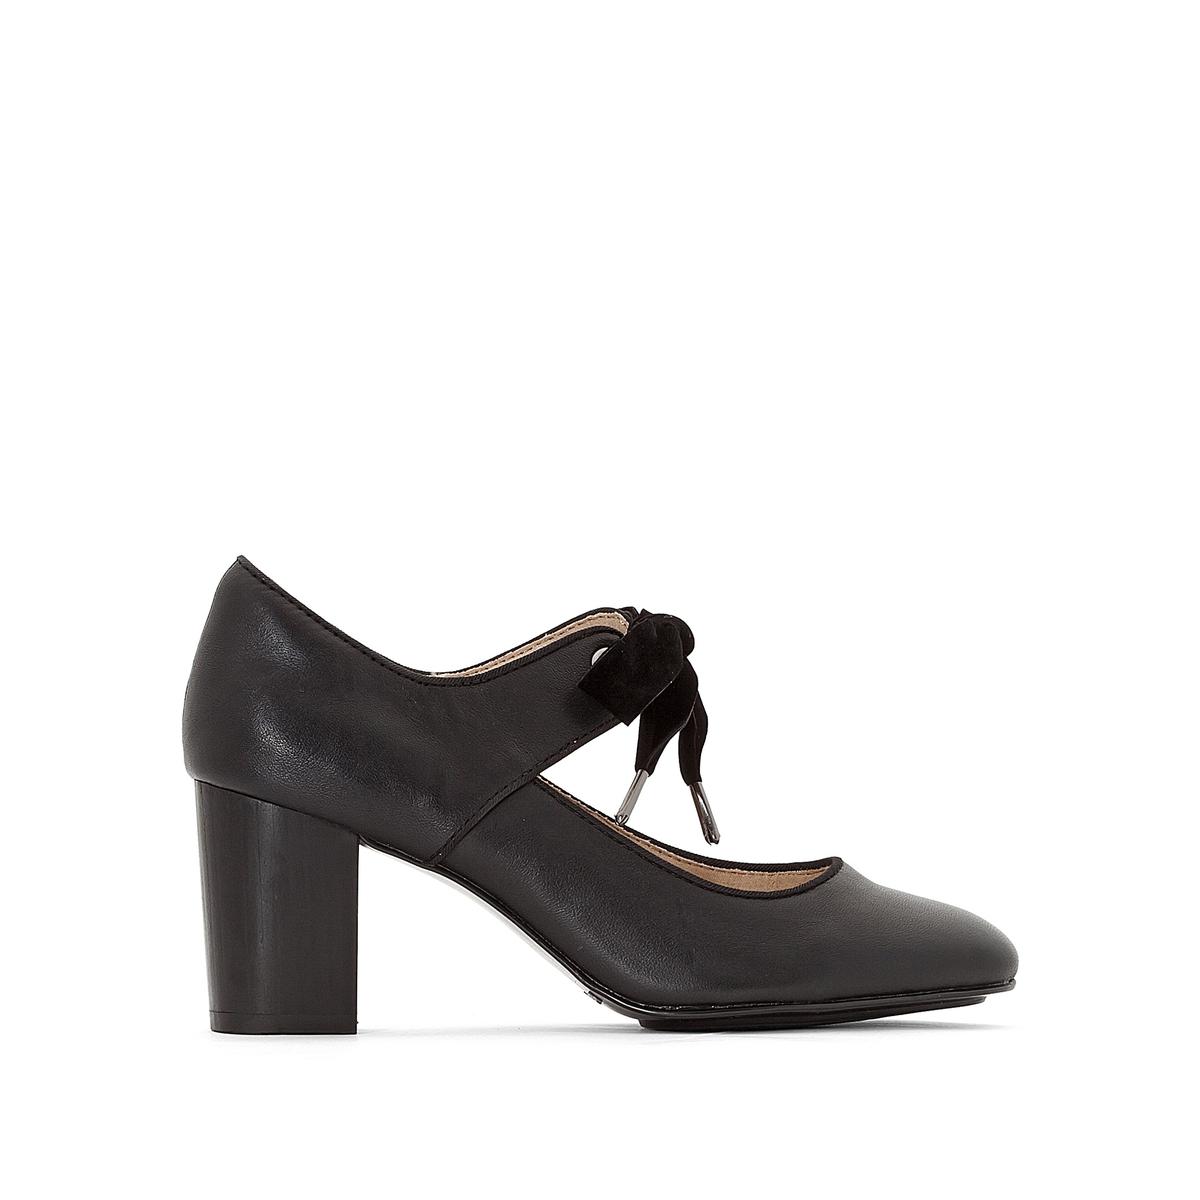 Туфли кожаные на каблуке Margot LangdonПодкладка : ТекстильСтелька: Кожа   Подошва: КаучукВысота каблука: 8 смФорма каблука : ШирокийНосок : ЗакругленныйЗастежка: Шнуровка<br><br>Цвет: черный<br>Размер: 40